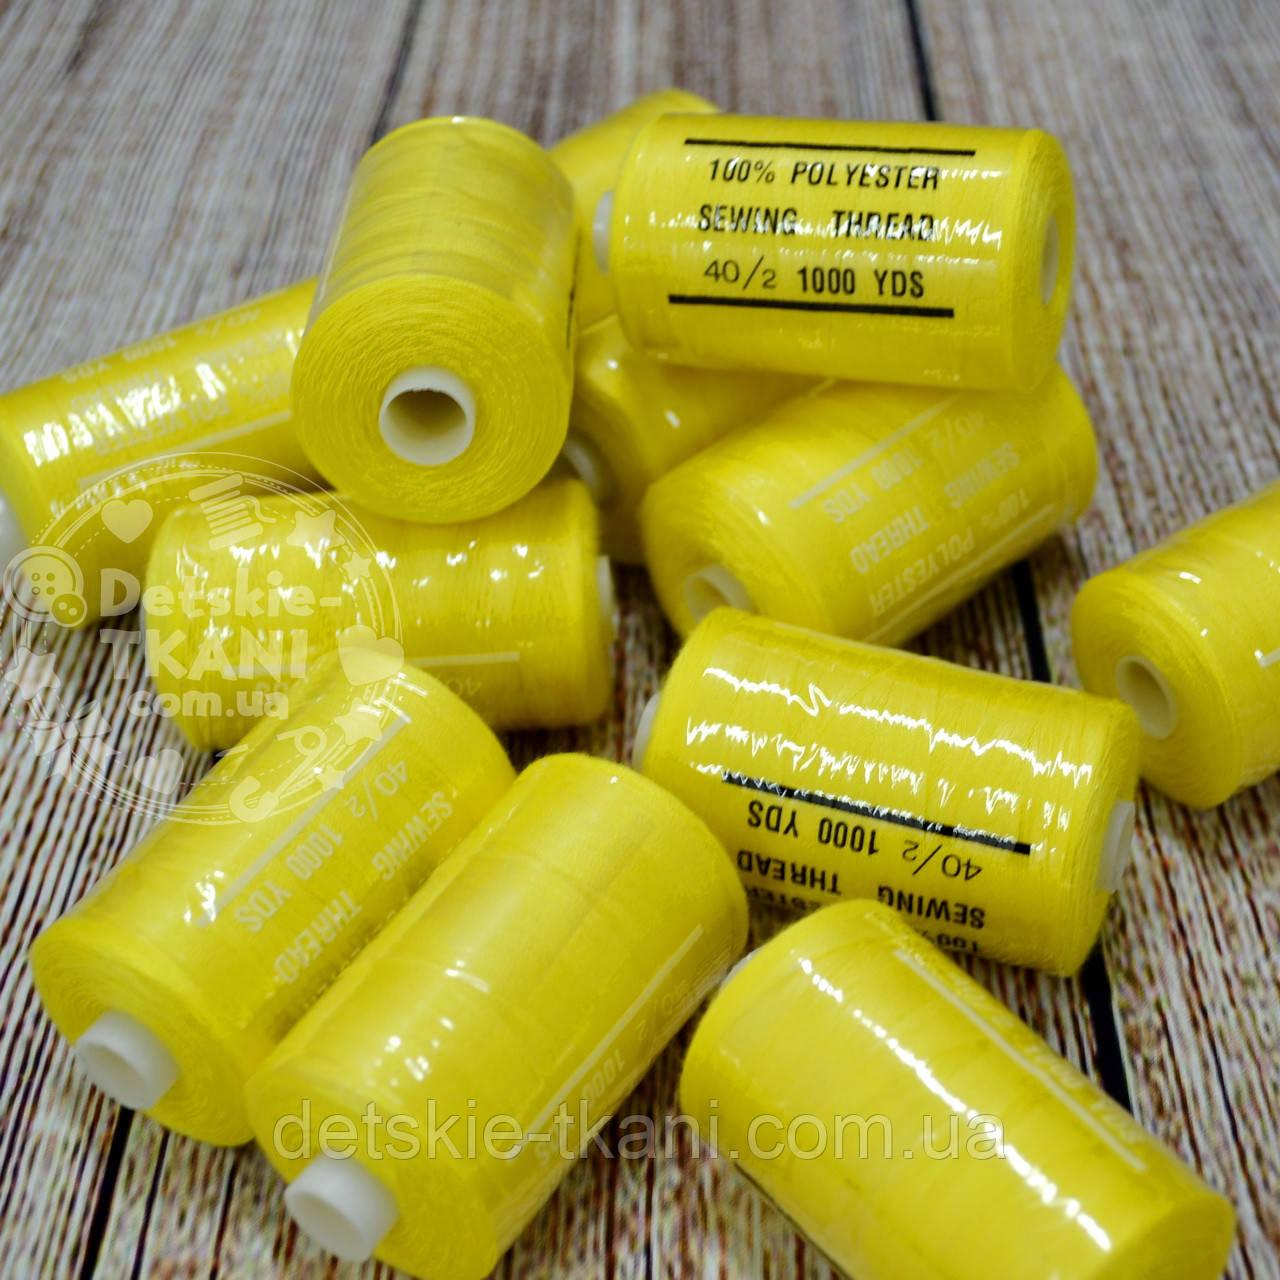 Нитки швейные 40/2, 1000 ярдов, цвет ярко-жёлтый (№110)